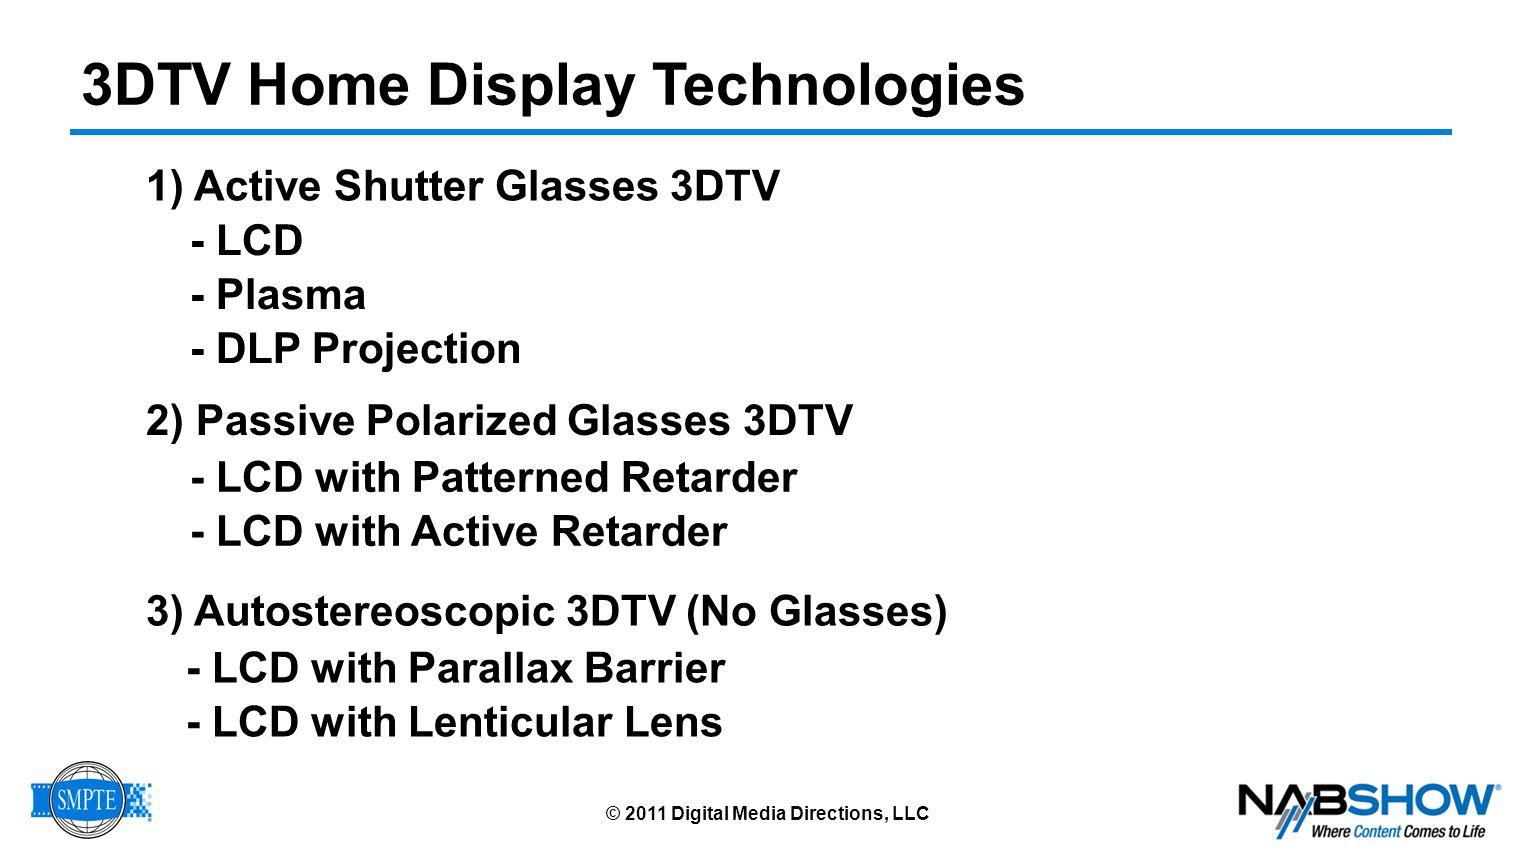 Mitsubishi DLP Projection 3DTV © 2011 Digital Media Directions, LLC 75-inch LaserVue DLP Rear Projection Active Glasses 3DTV 92-inch DLP Rear Projection Active Glasses 3DTV